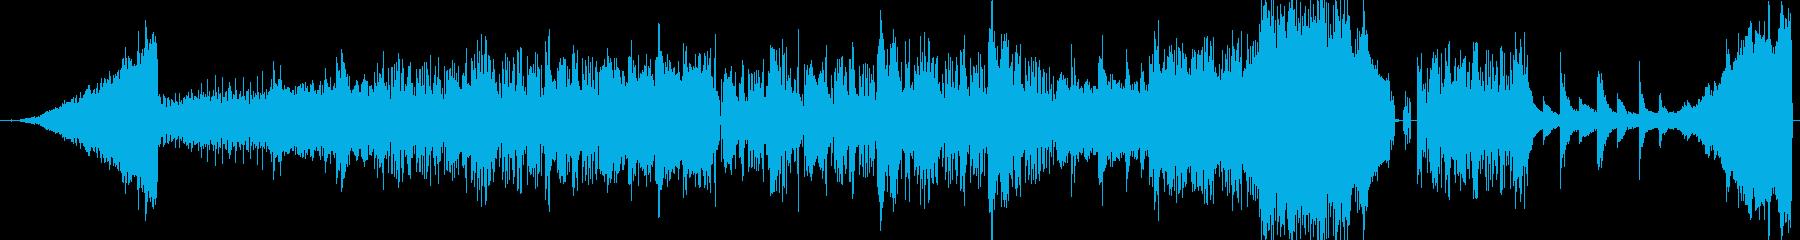 CMなどに最適なエレクトロニカの再生済みの波形